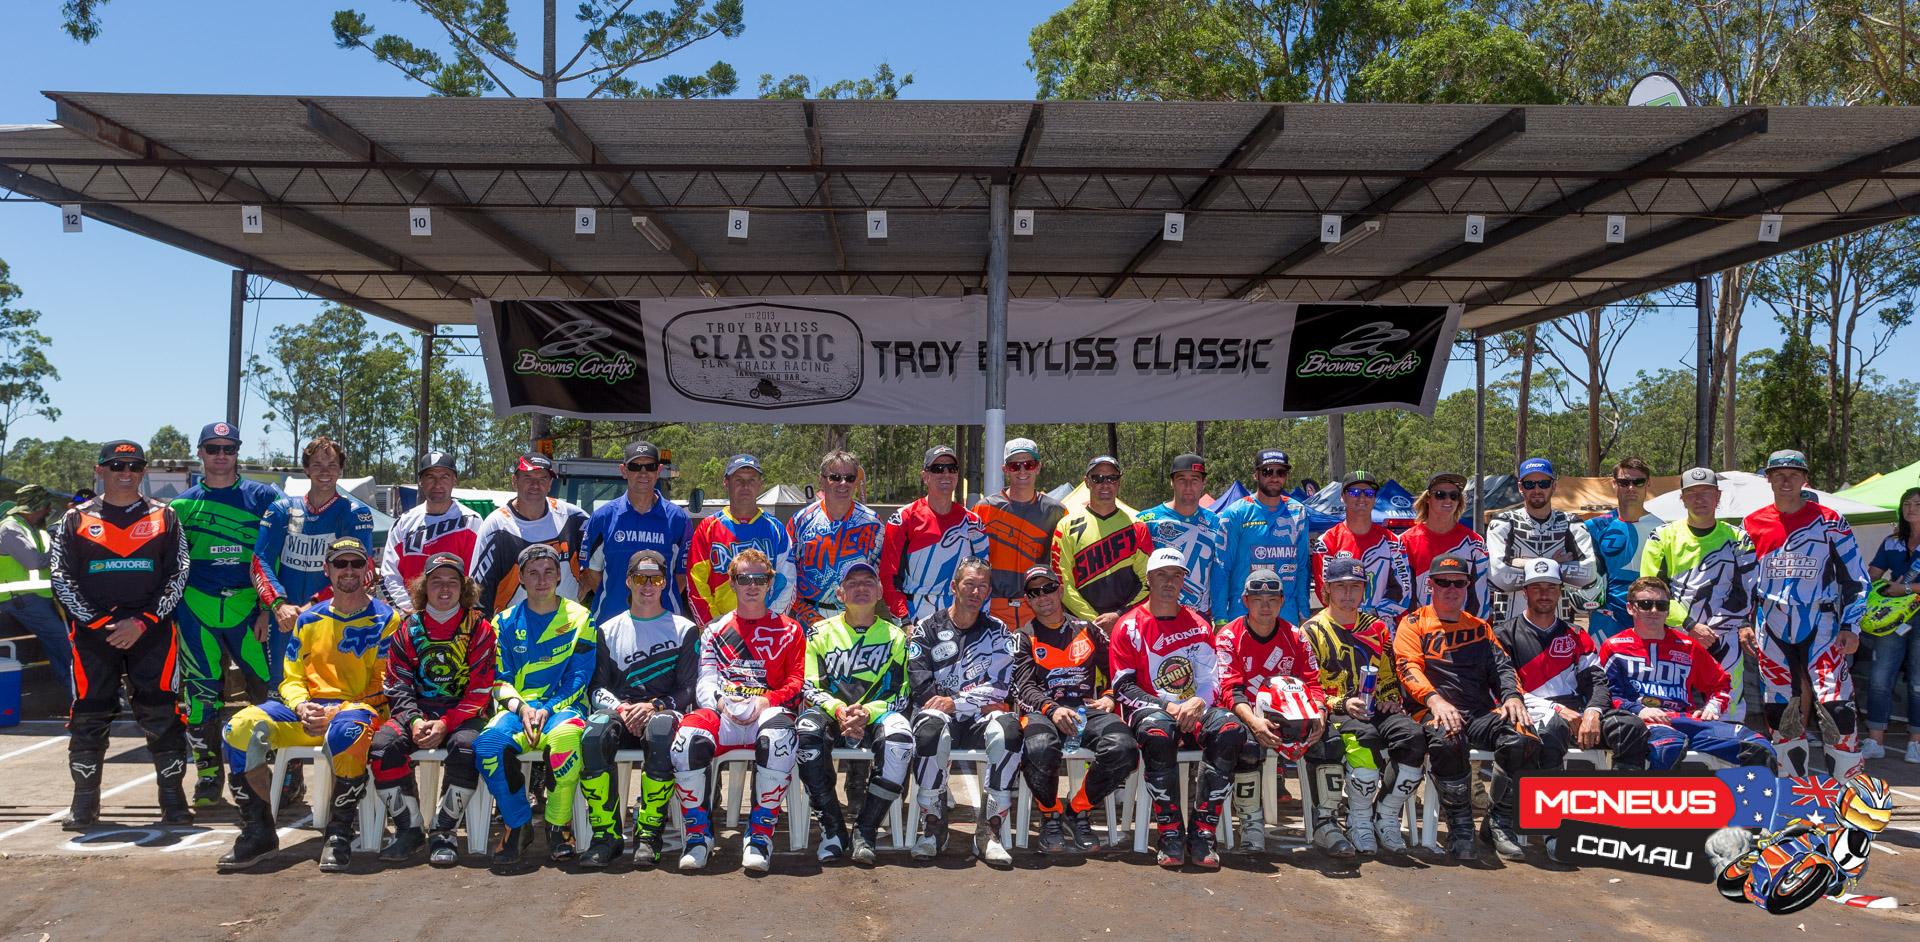 Troy Bayliss Classic 2015